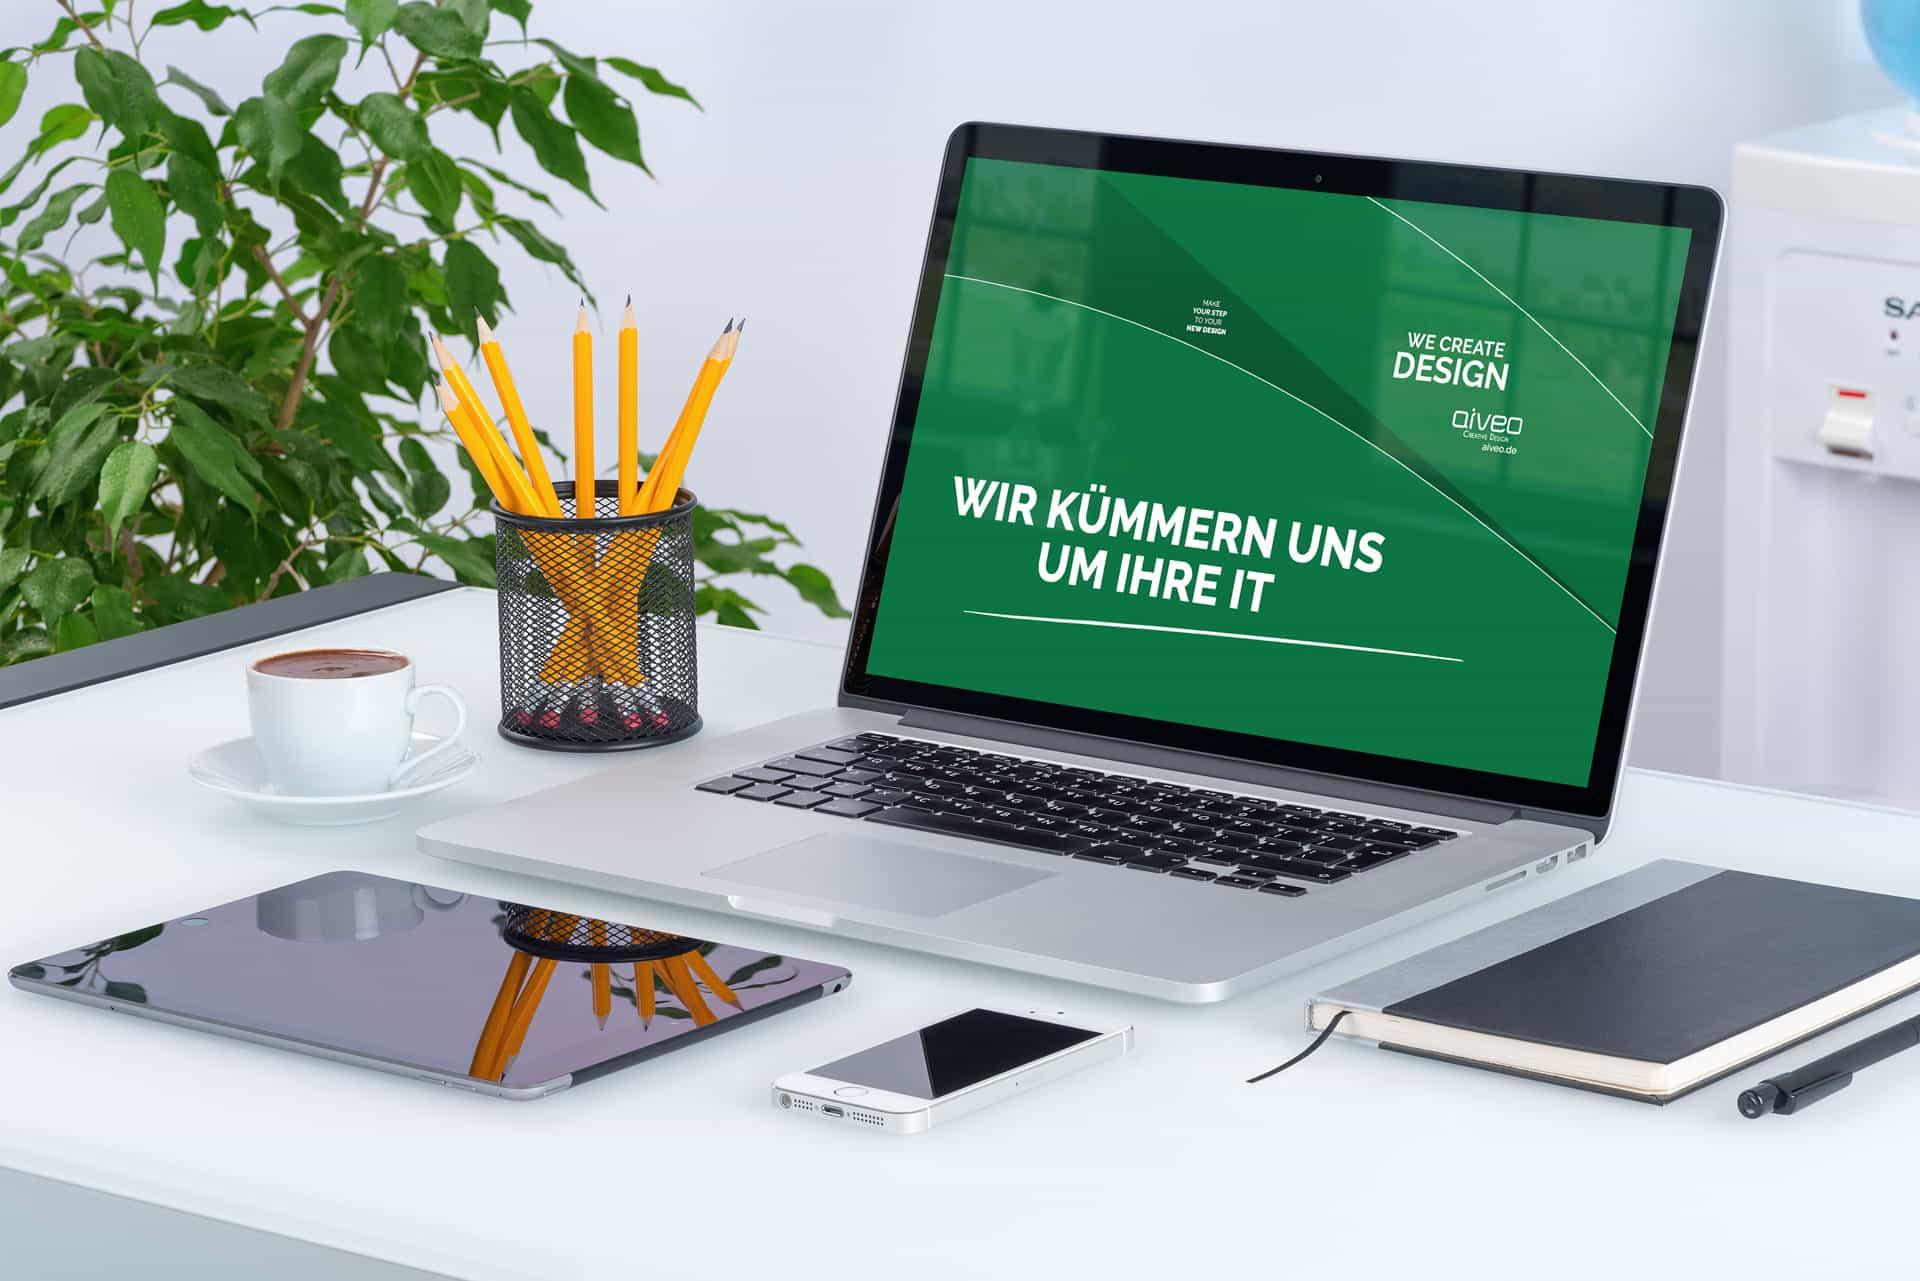 IT-Service der Werbeagentur Aiveo IT www.aiveo.de